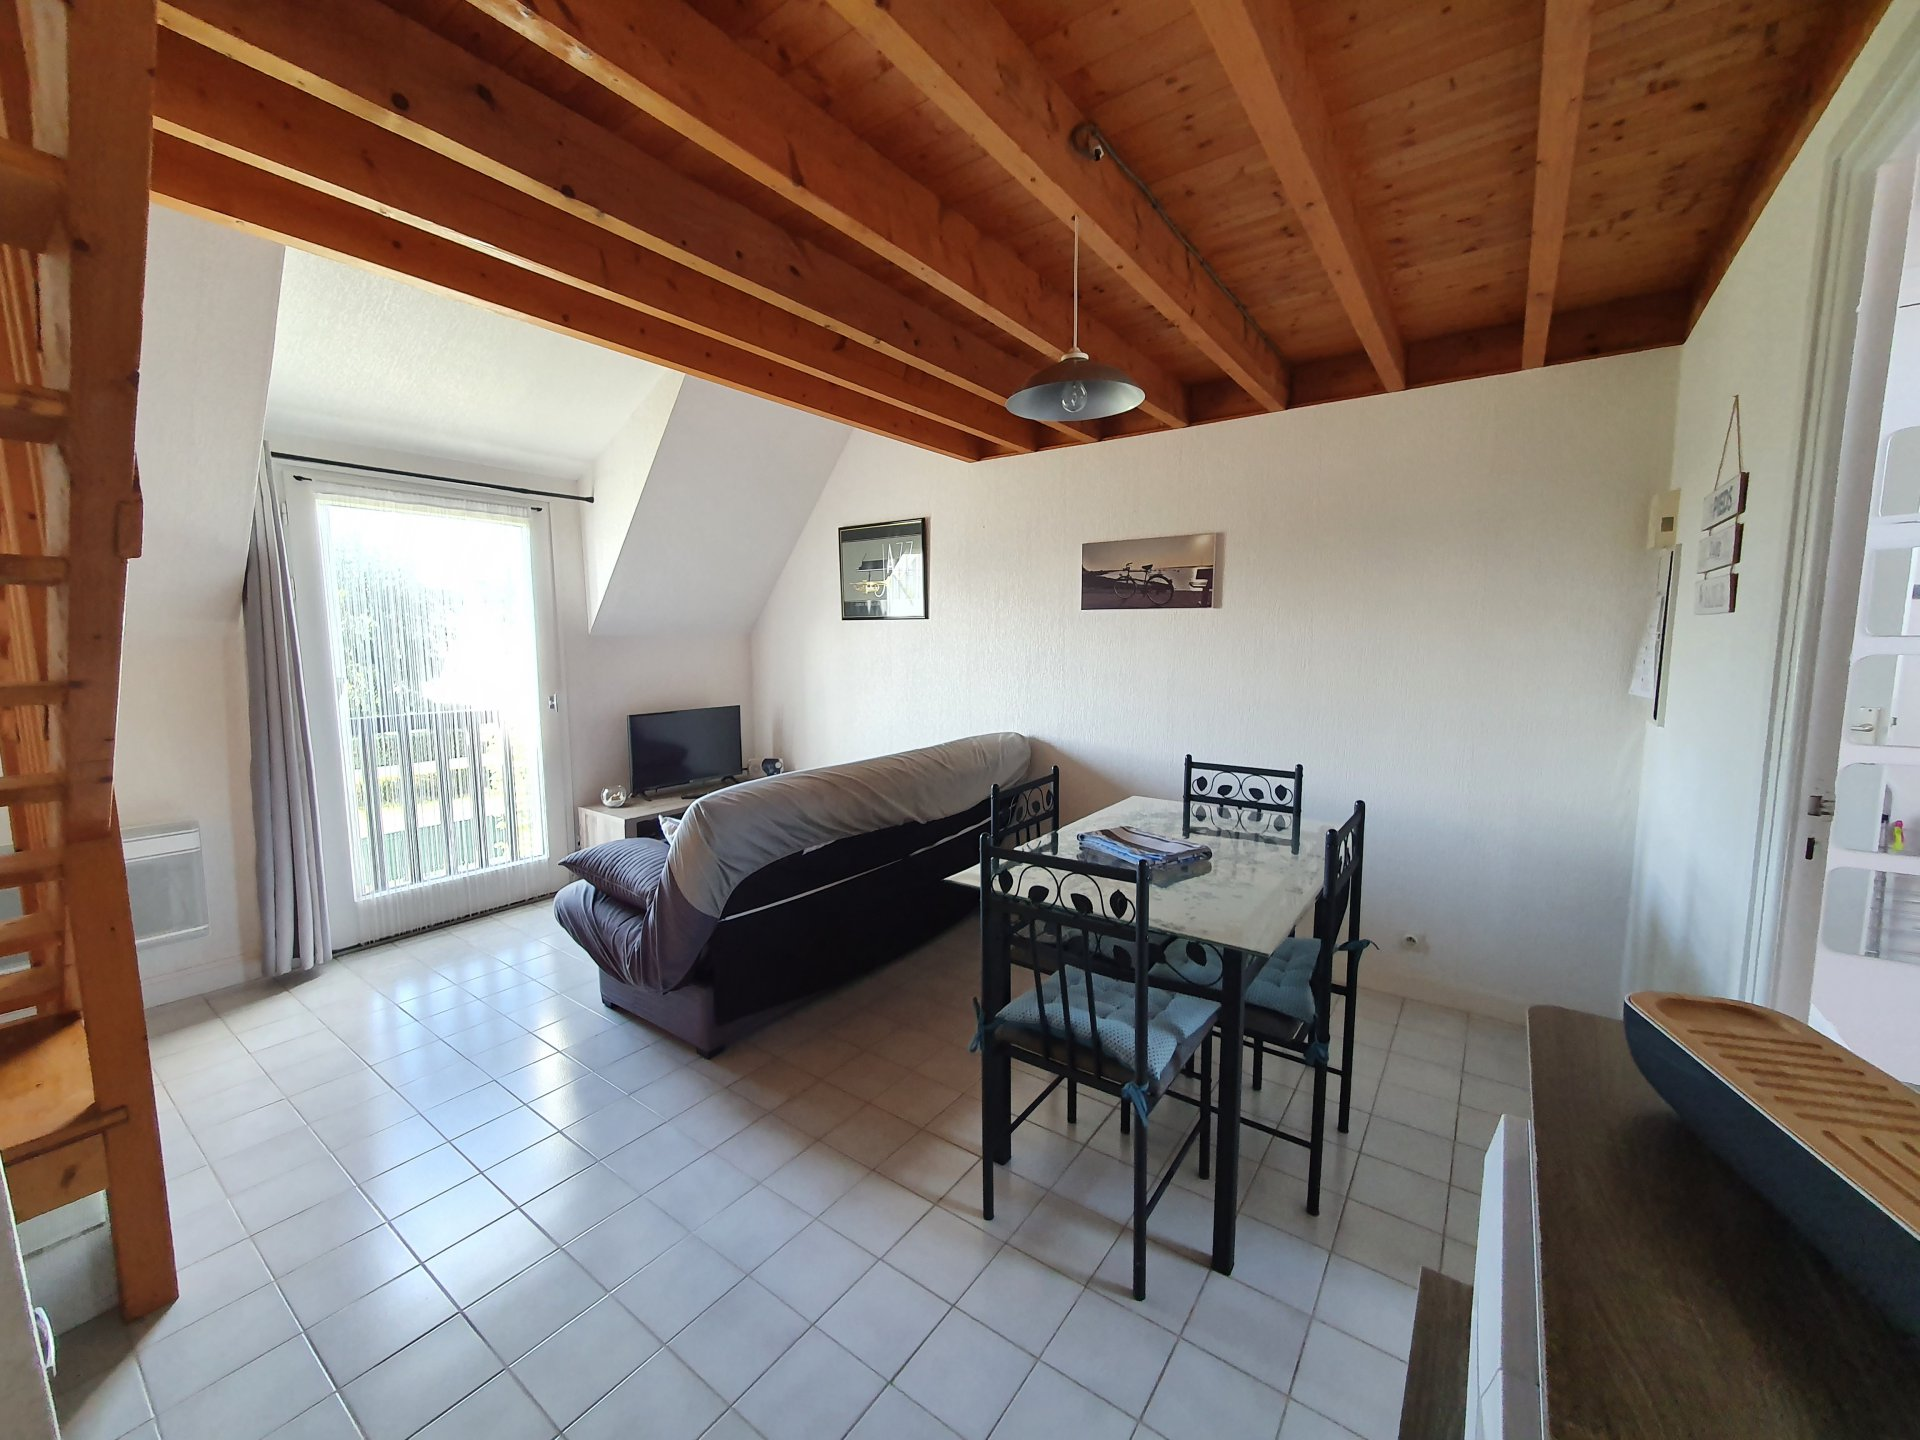 Appartement à louer à Damgan Appartement situé à 600m du centre de Damgan et des plages